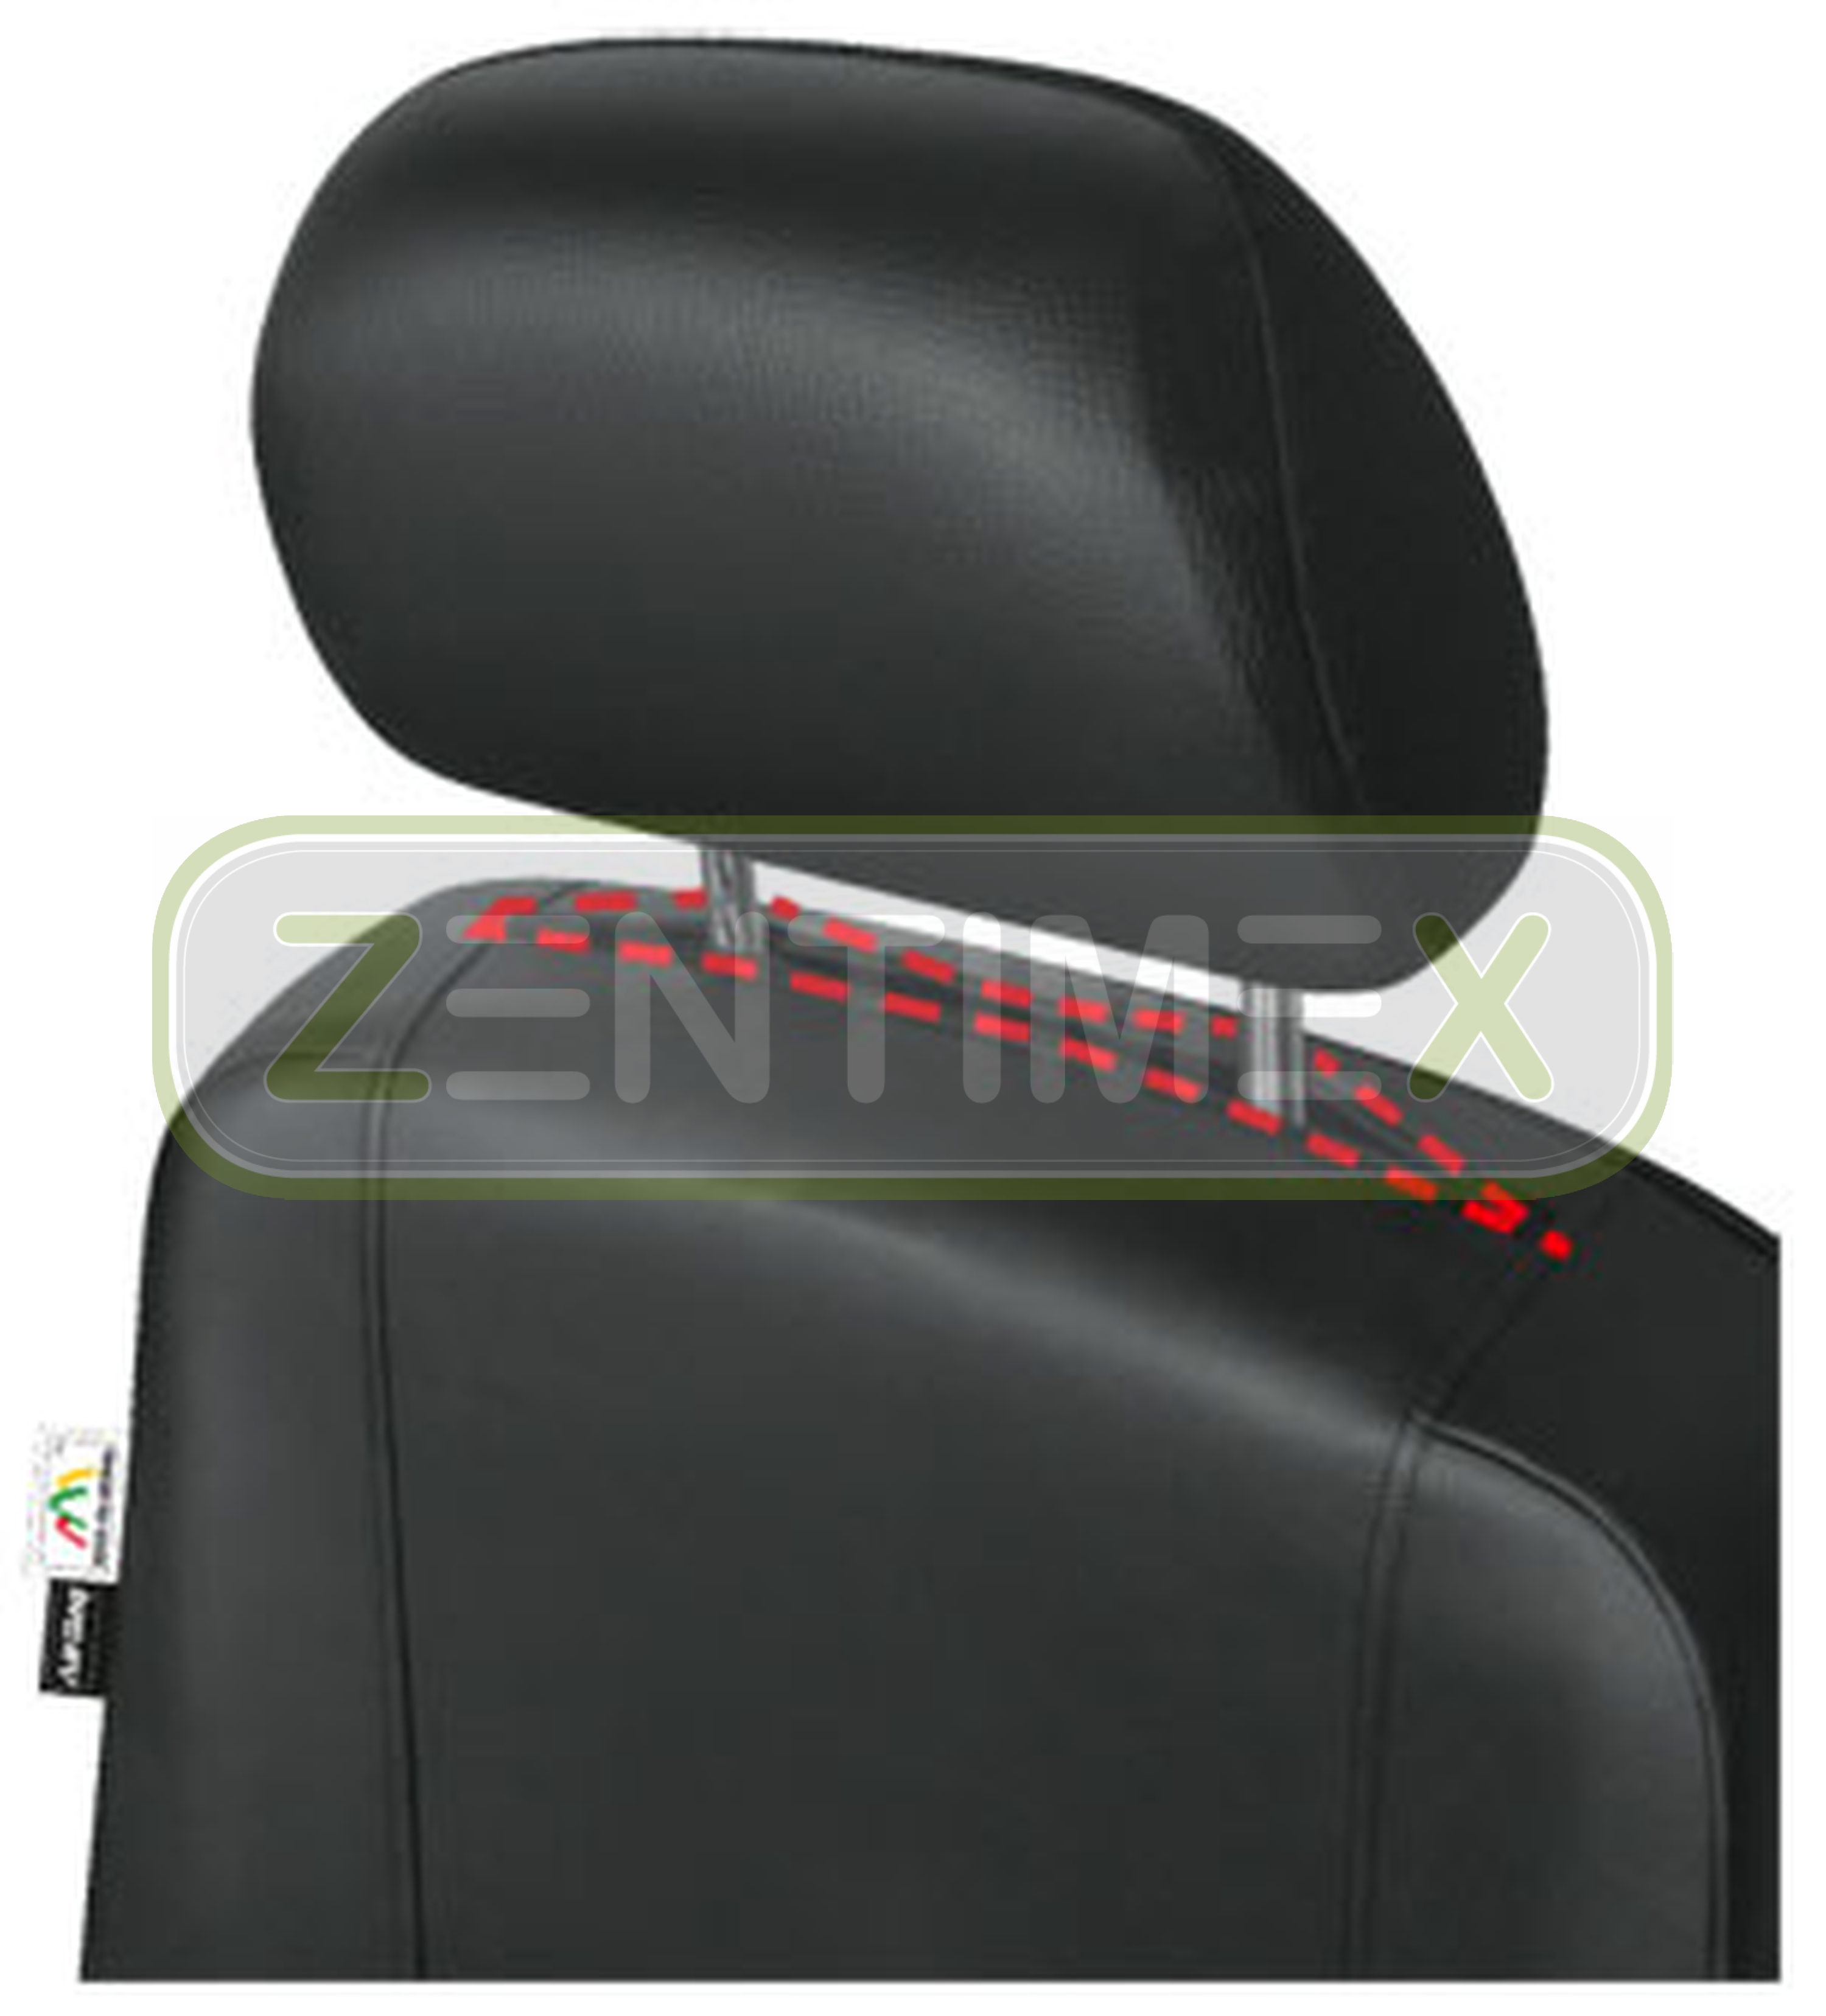 Fundas para asientos ya referencias set QL para VW t5 Transporter imitación cuero negro